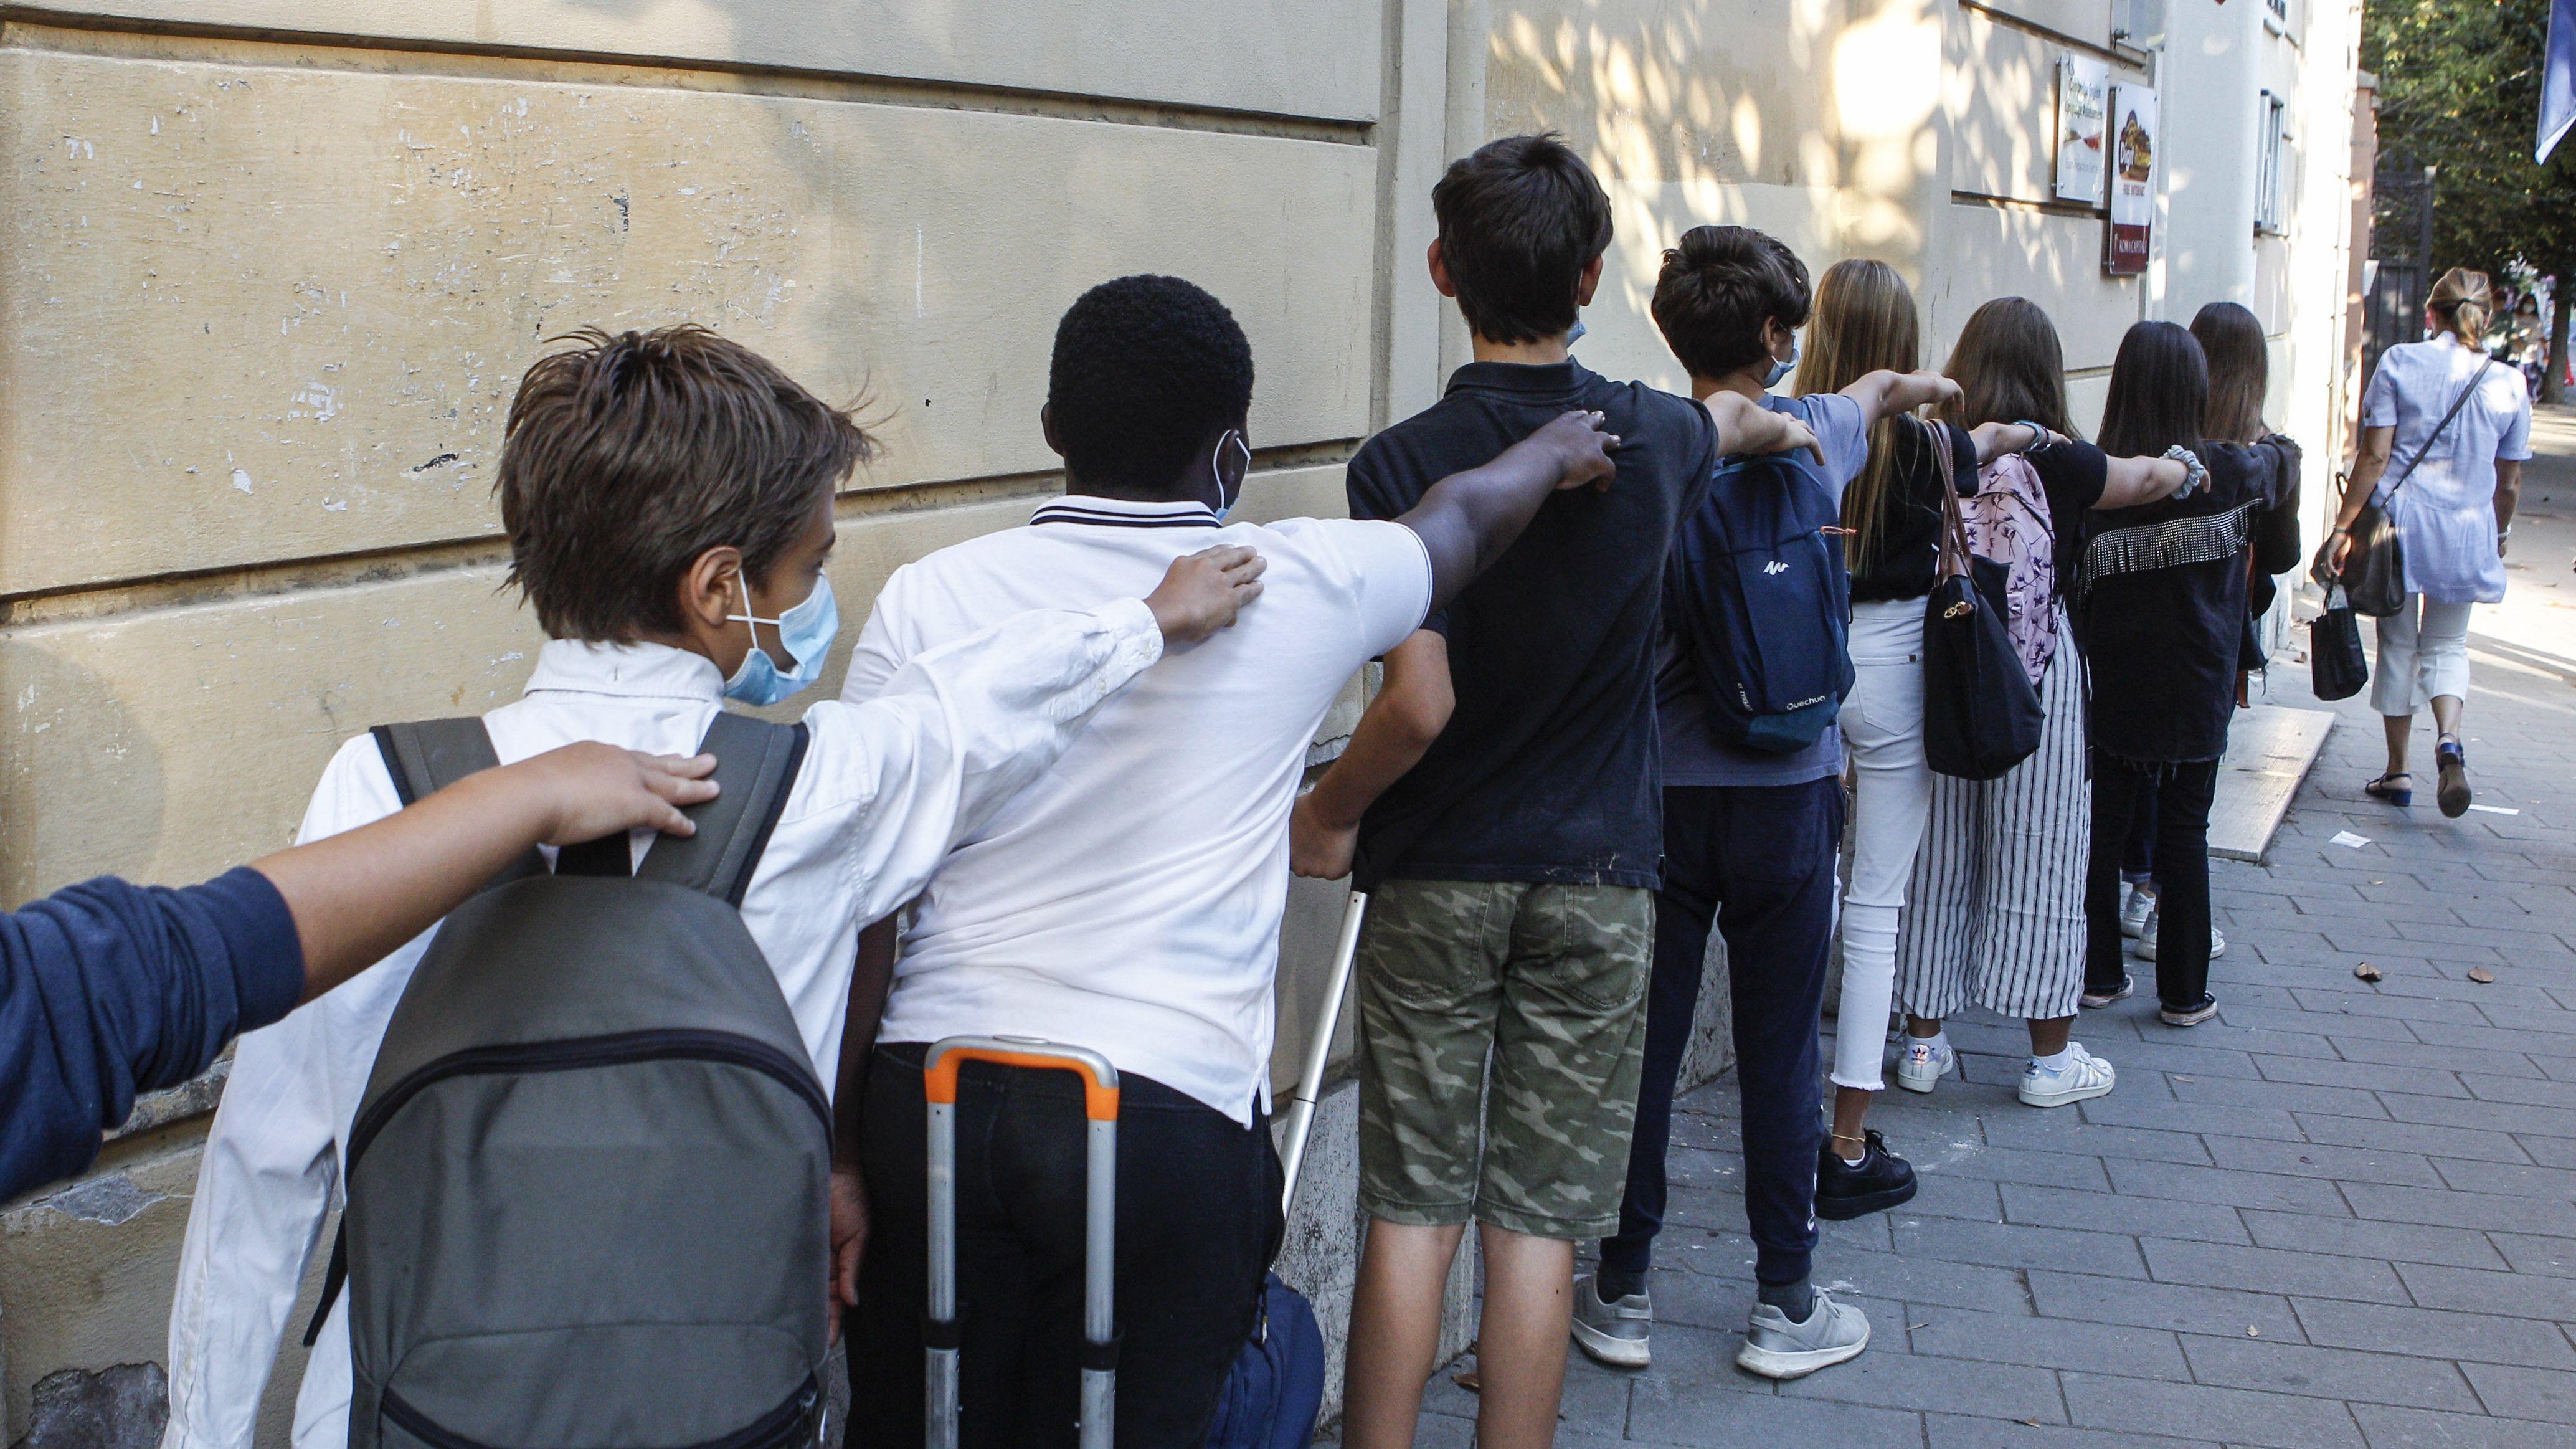 pikkelysömör kezelése Olaszországban